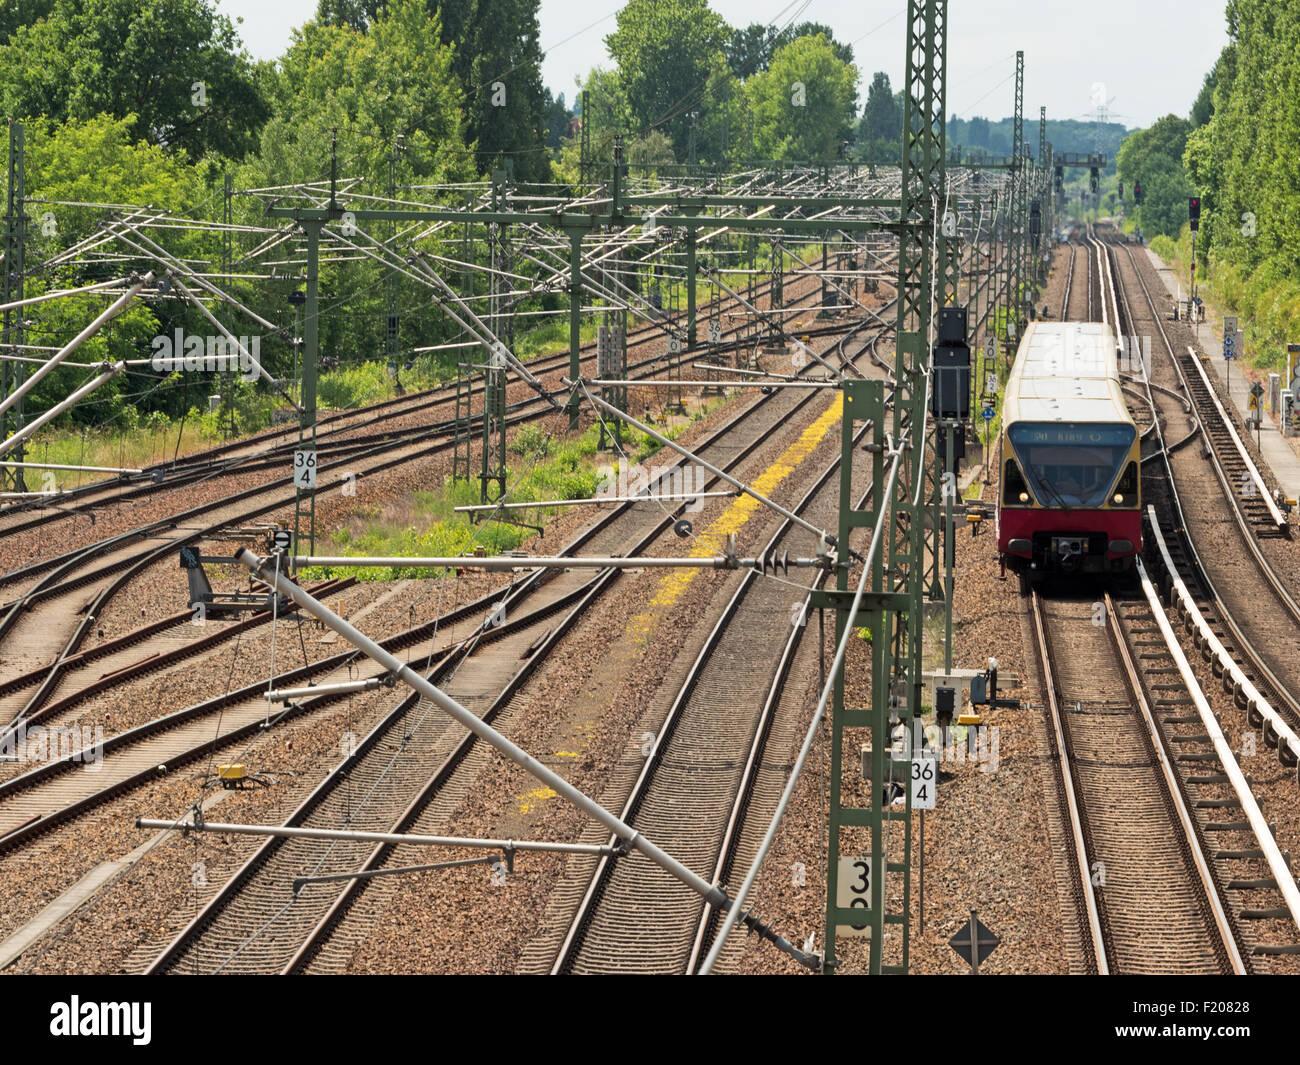 S-Bahn auf Gleisanlage in Berlin - Stock Image